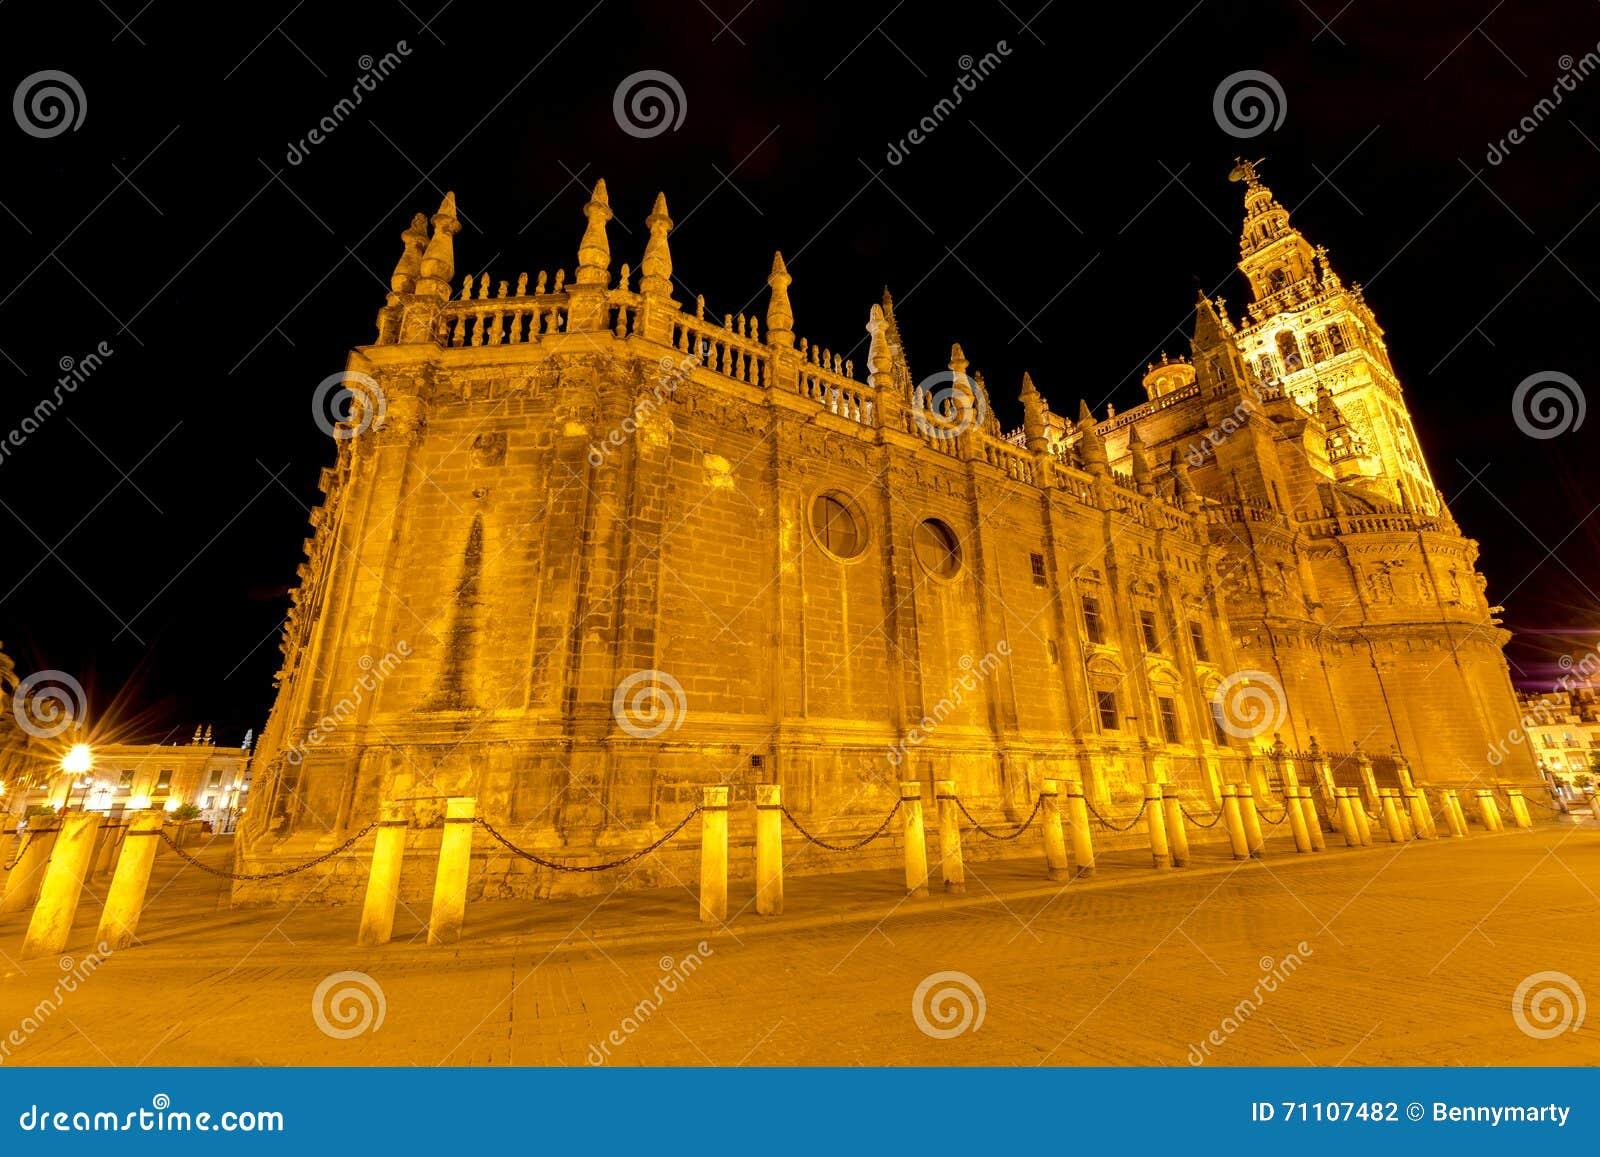 塞维利亚大教堂在晚上之前